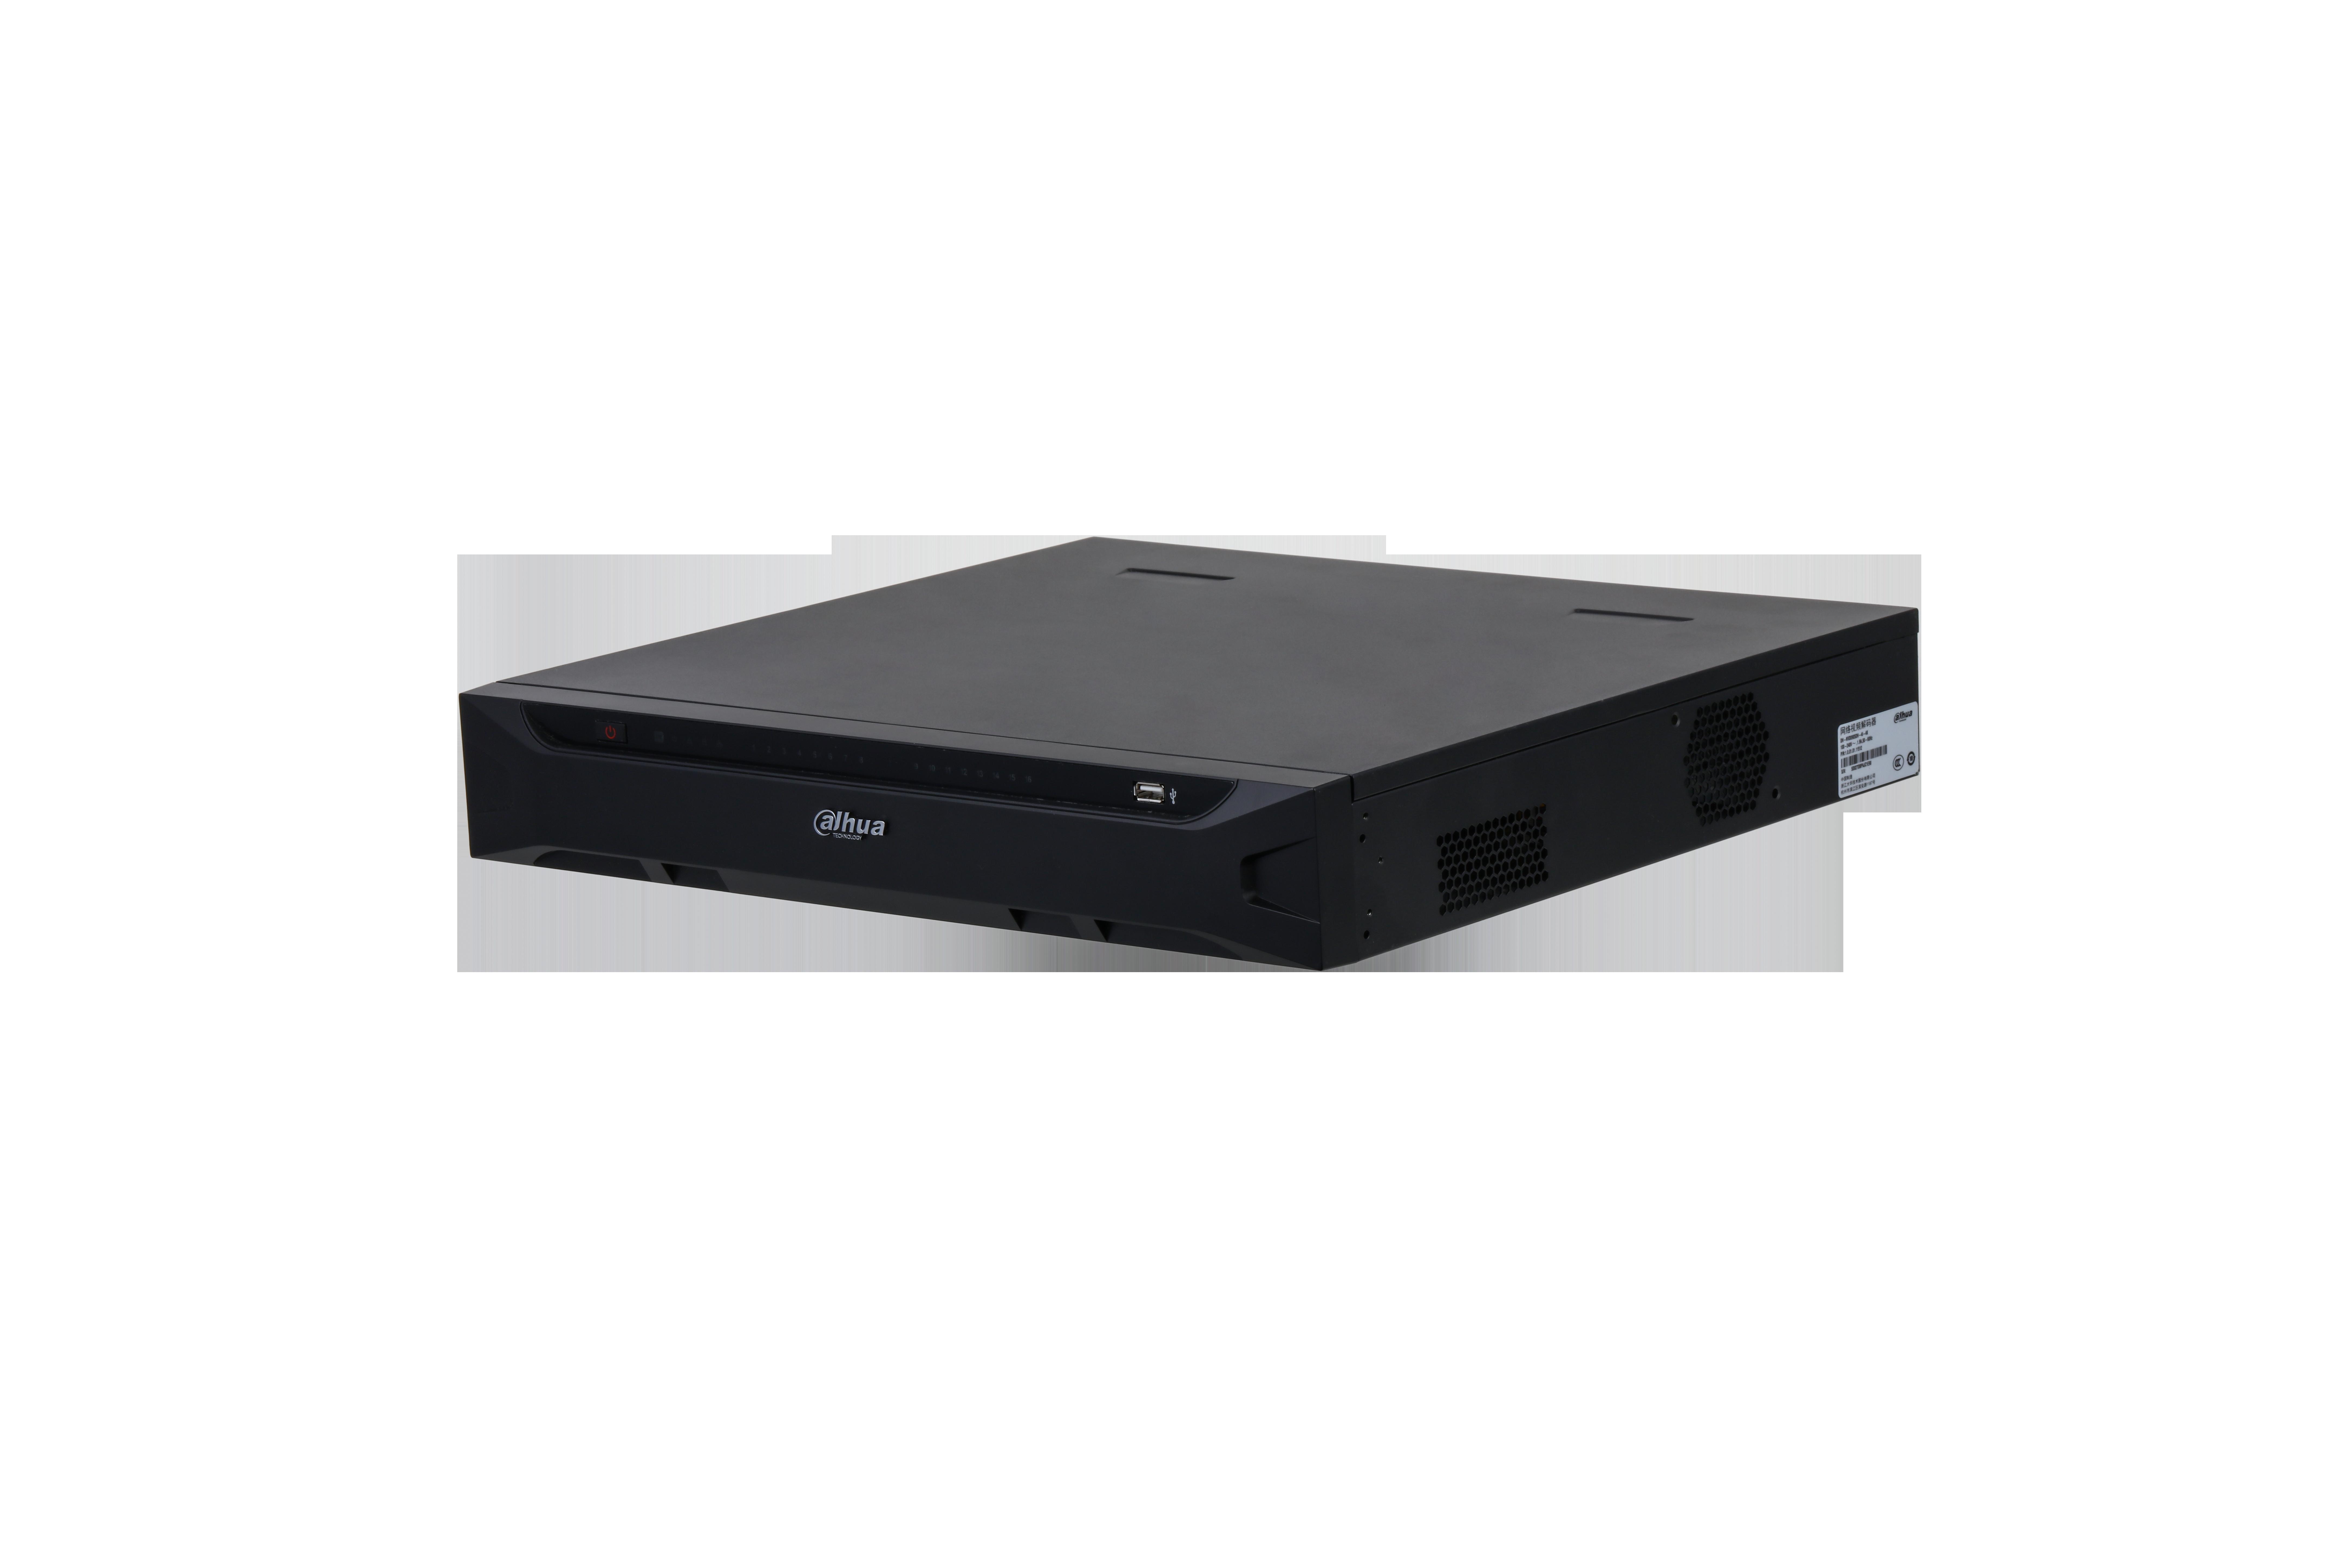 解码器DH-NVD0905DH-SG